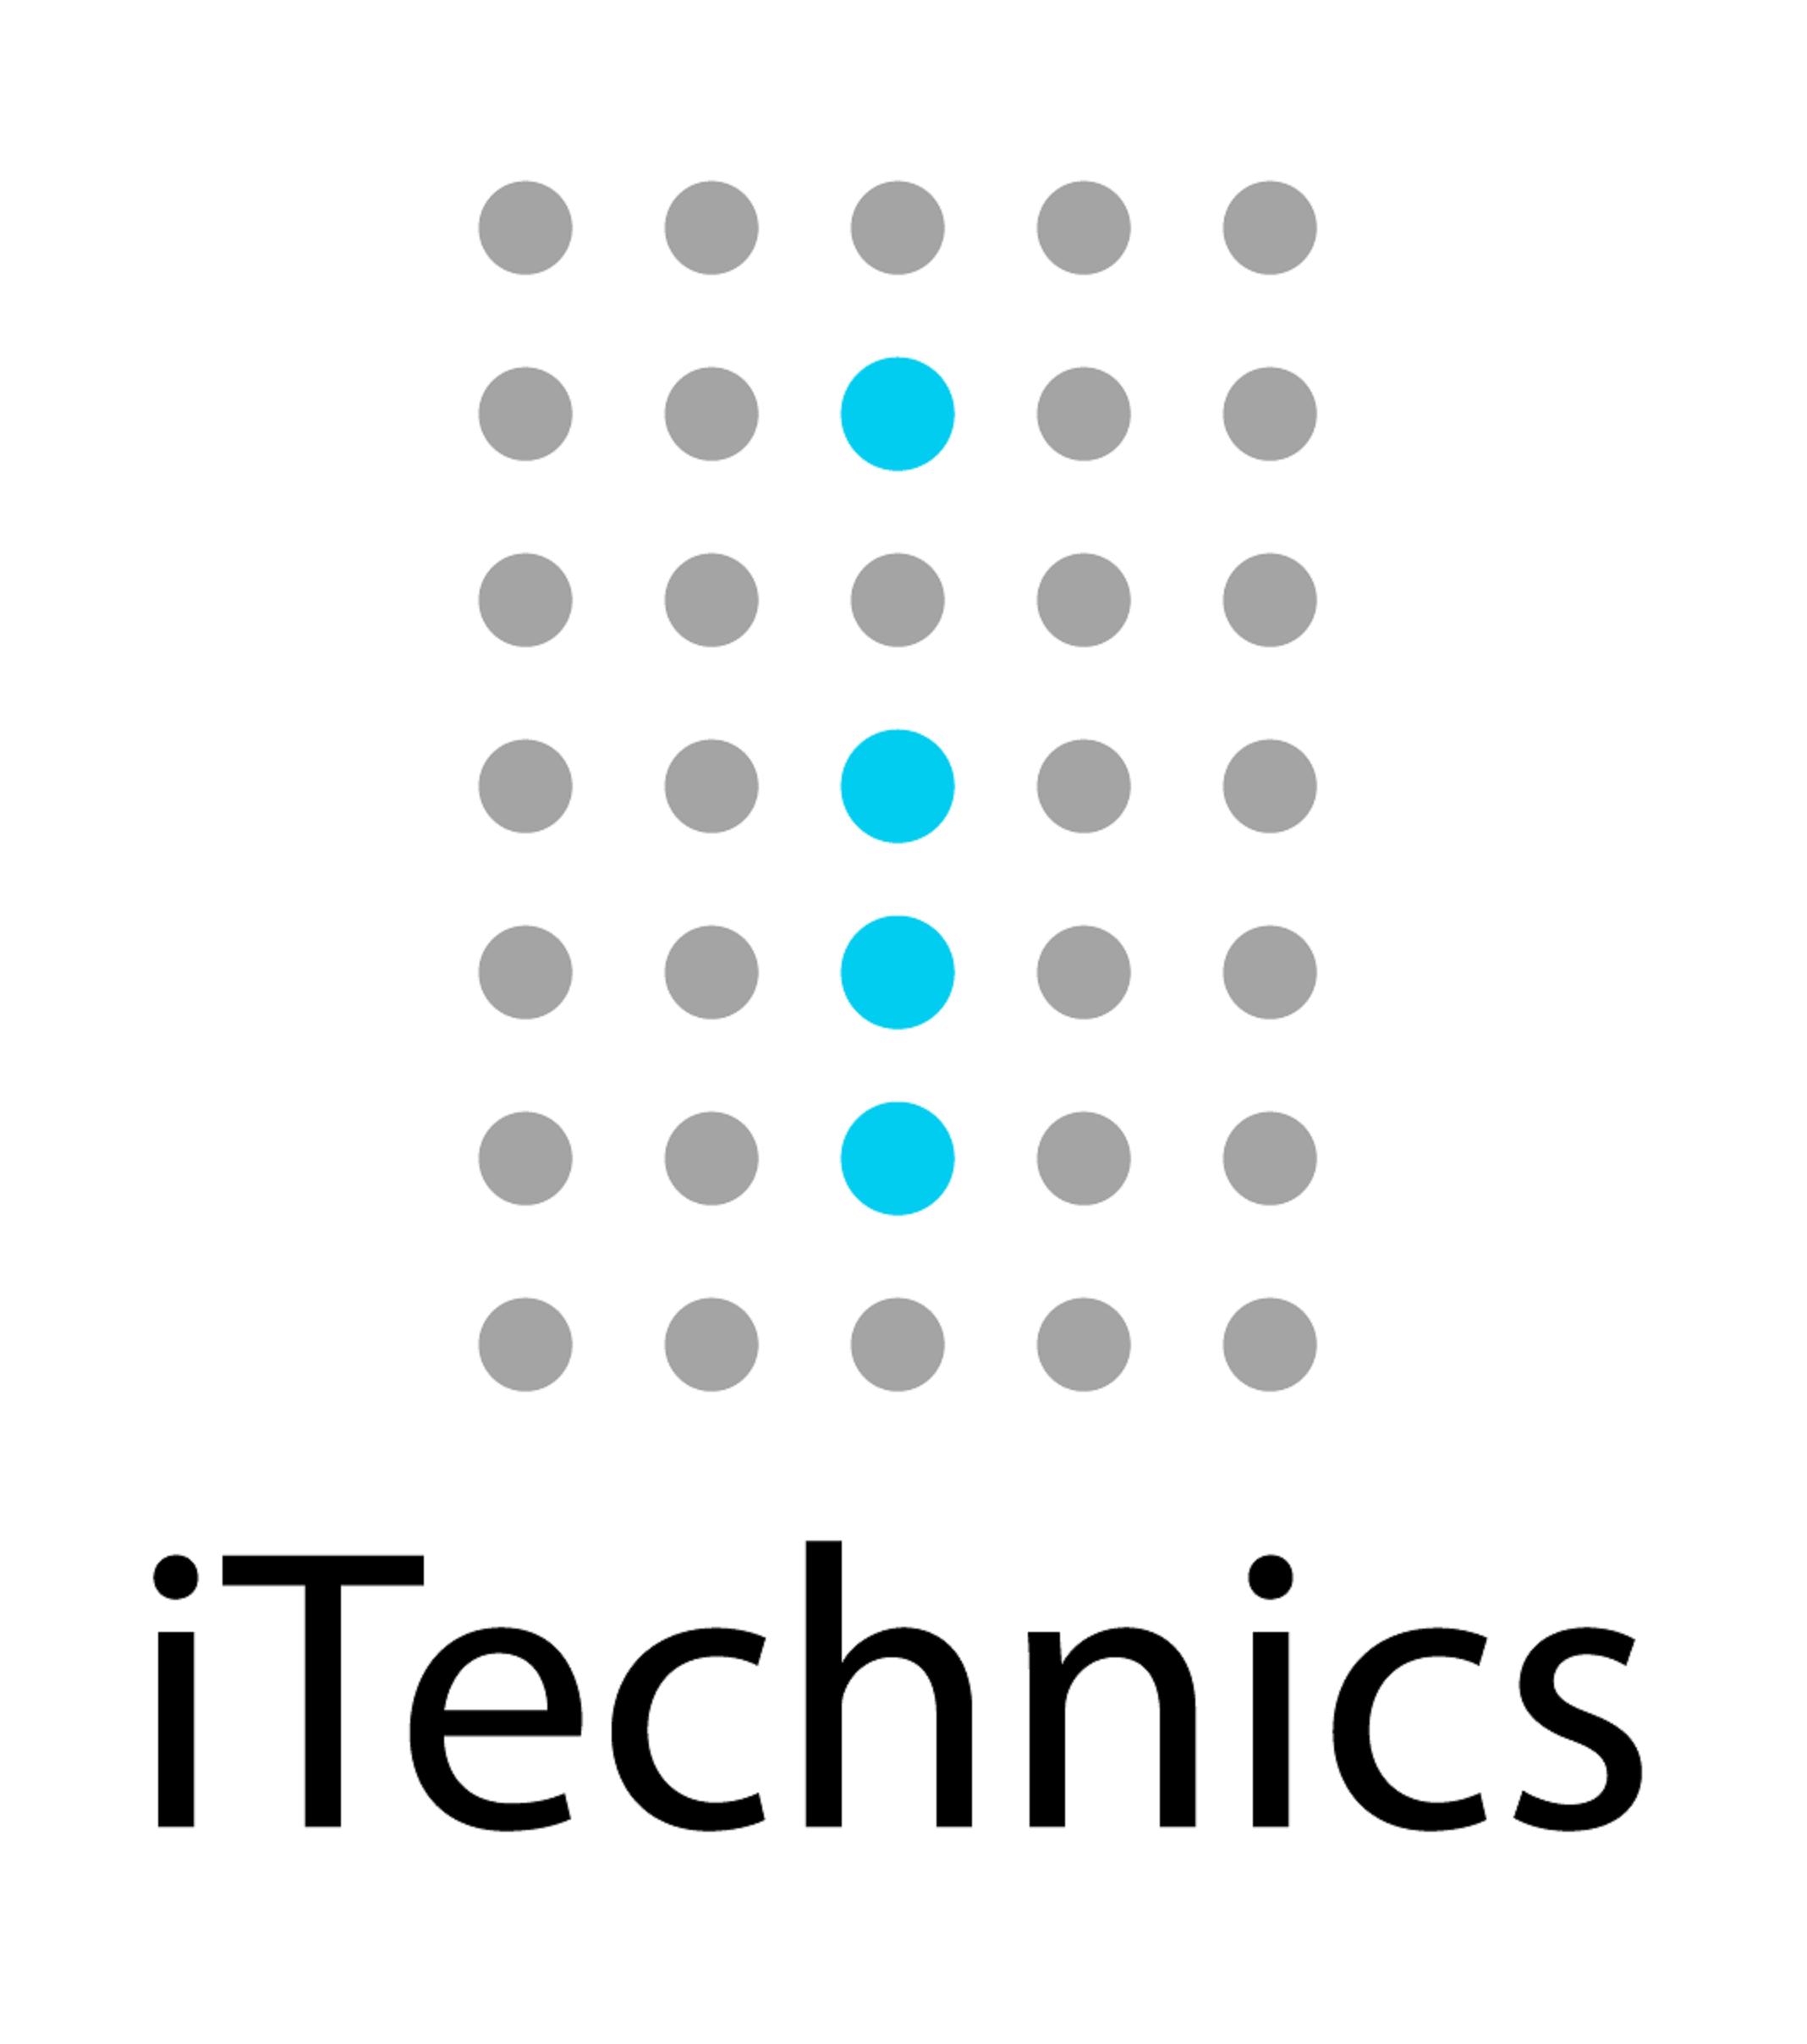 ITechnic